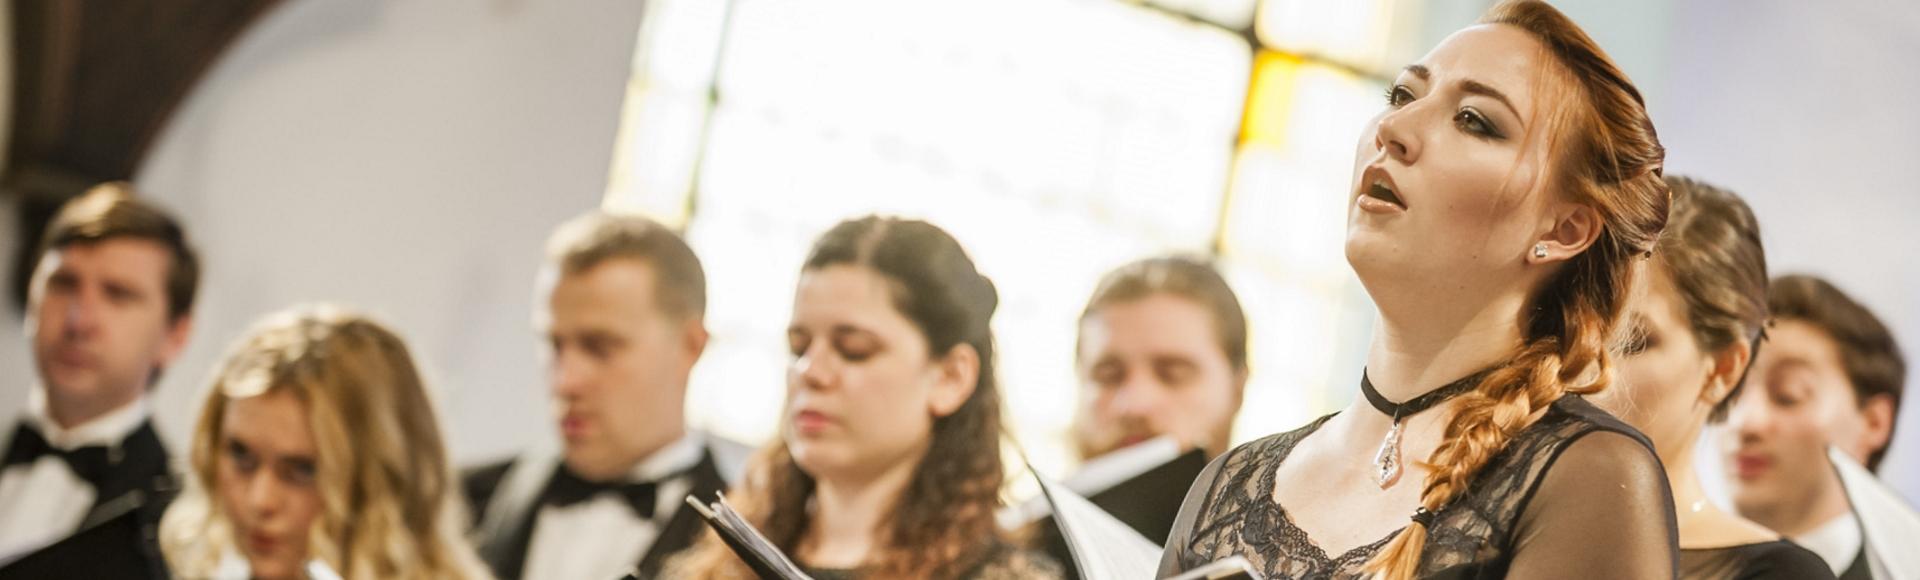 «гармоничное сочетание доставляющего глубокое наслаждение роскошного звучания и точного, богатого нюансировкой исполнения».Марайле Ханс, «Dresdner Neueste Nachrichten»